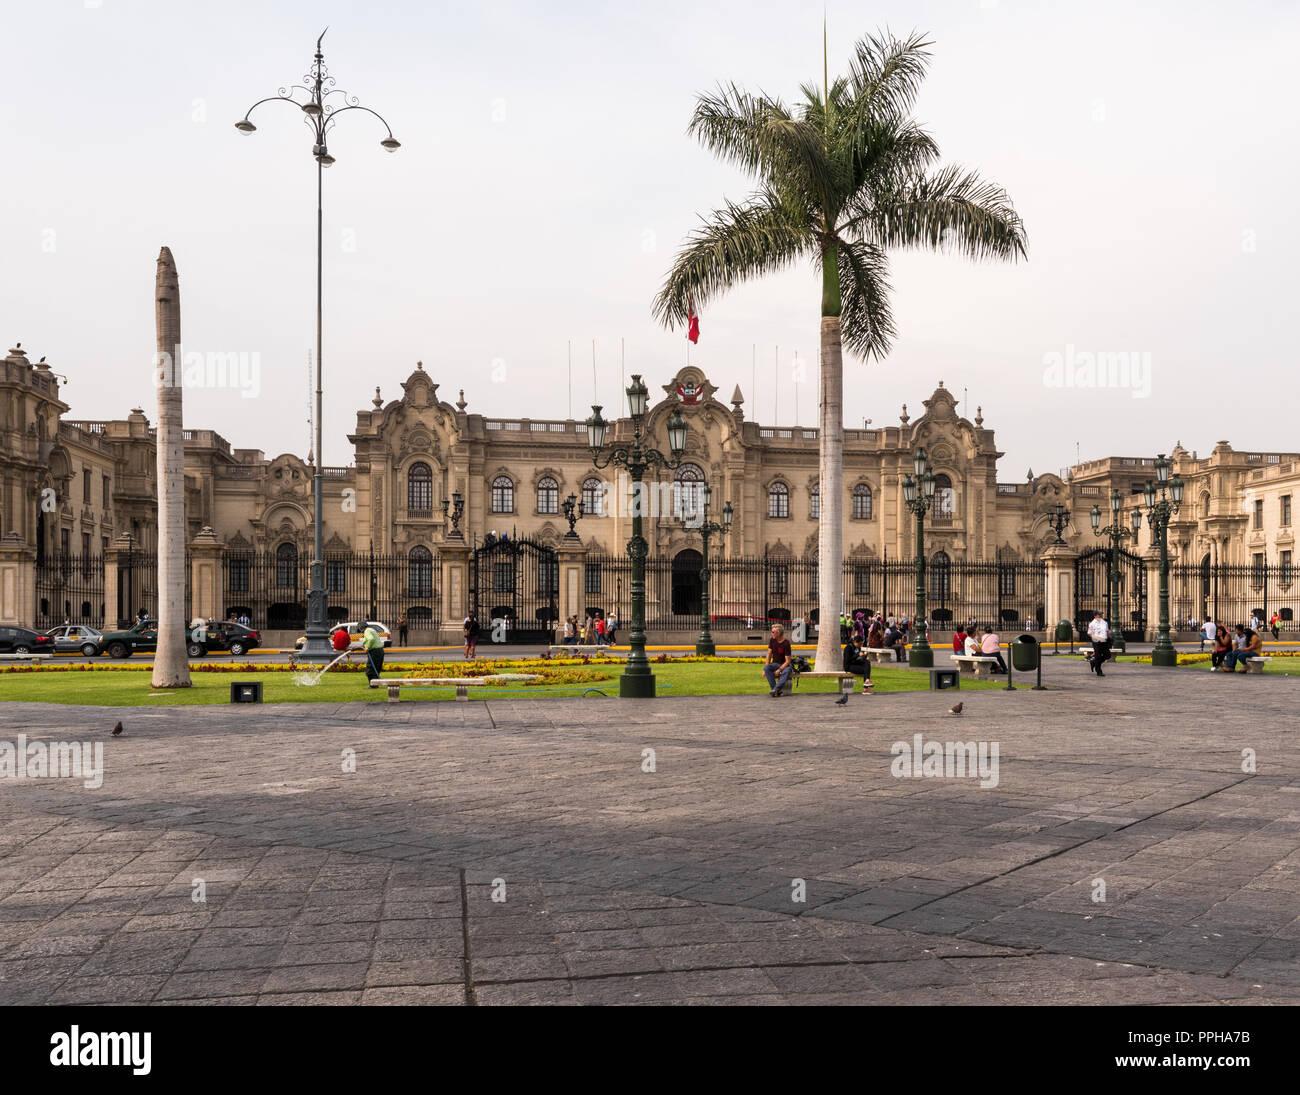 Lima, Perù--Aprile 12, 2018. Turisti e residenti a piedi nella Plaza Mayor di fronte al palazzo presidenziale di Lima, Perù. Immagini Stock